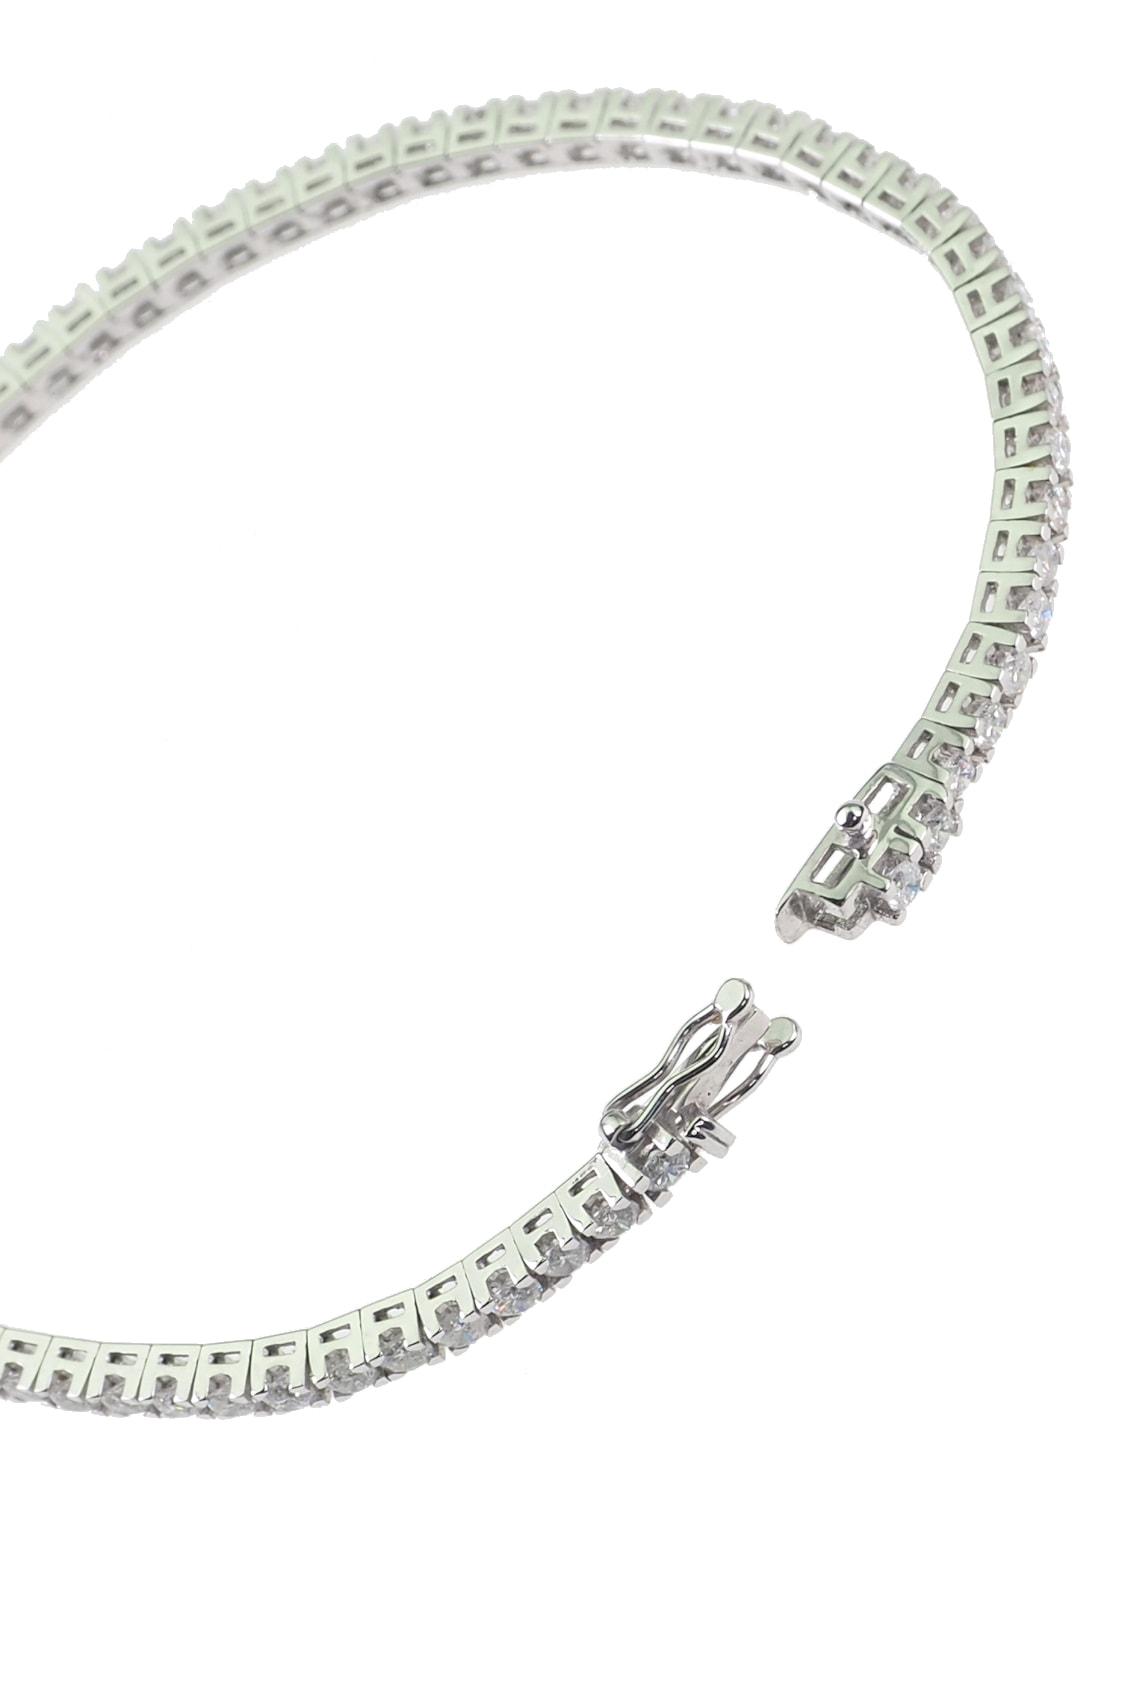 Tennisarmband-online-kaufen-1045b